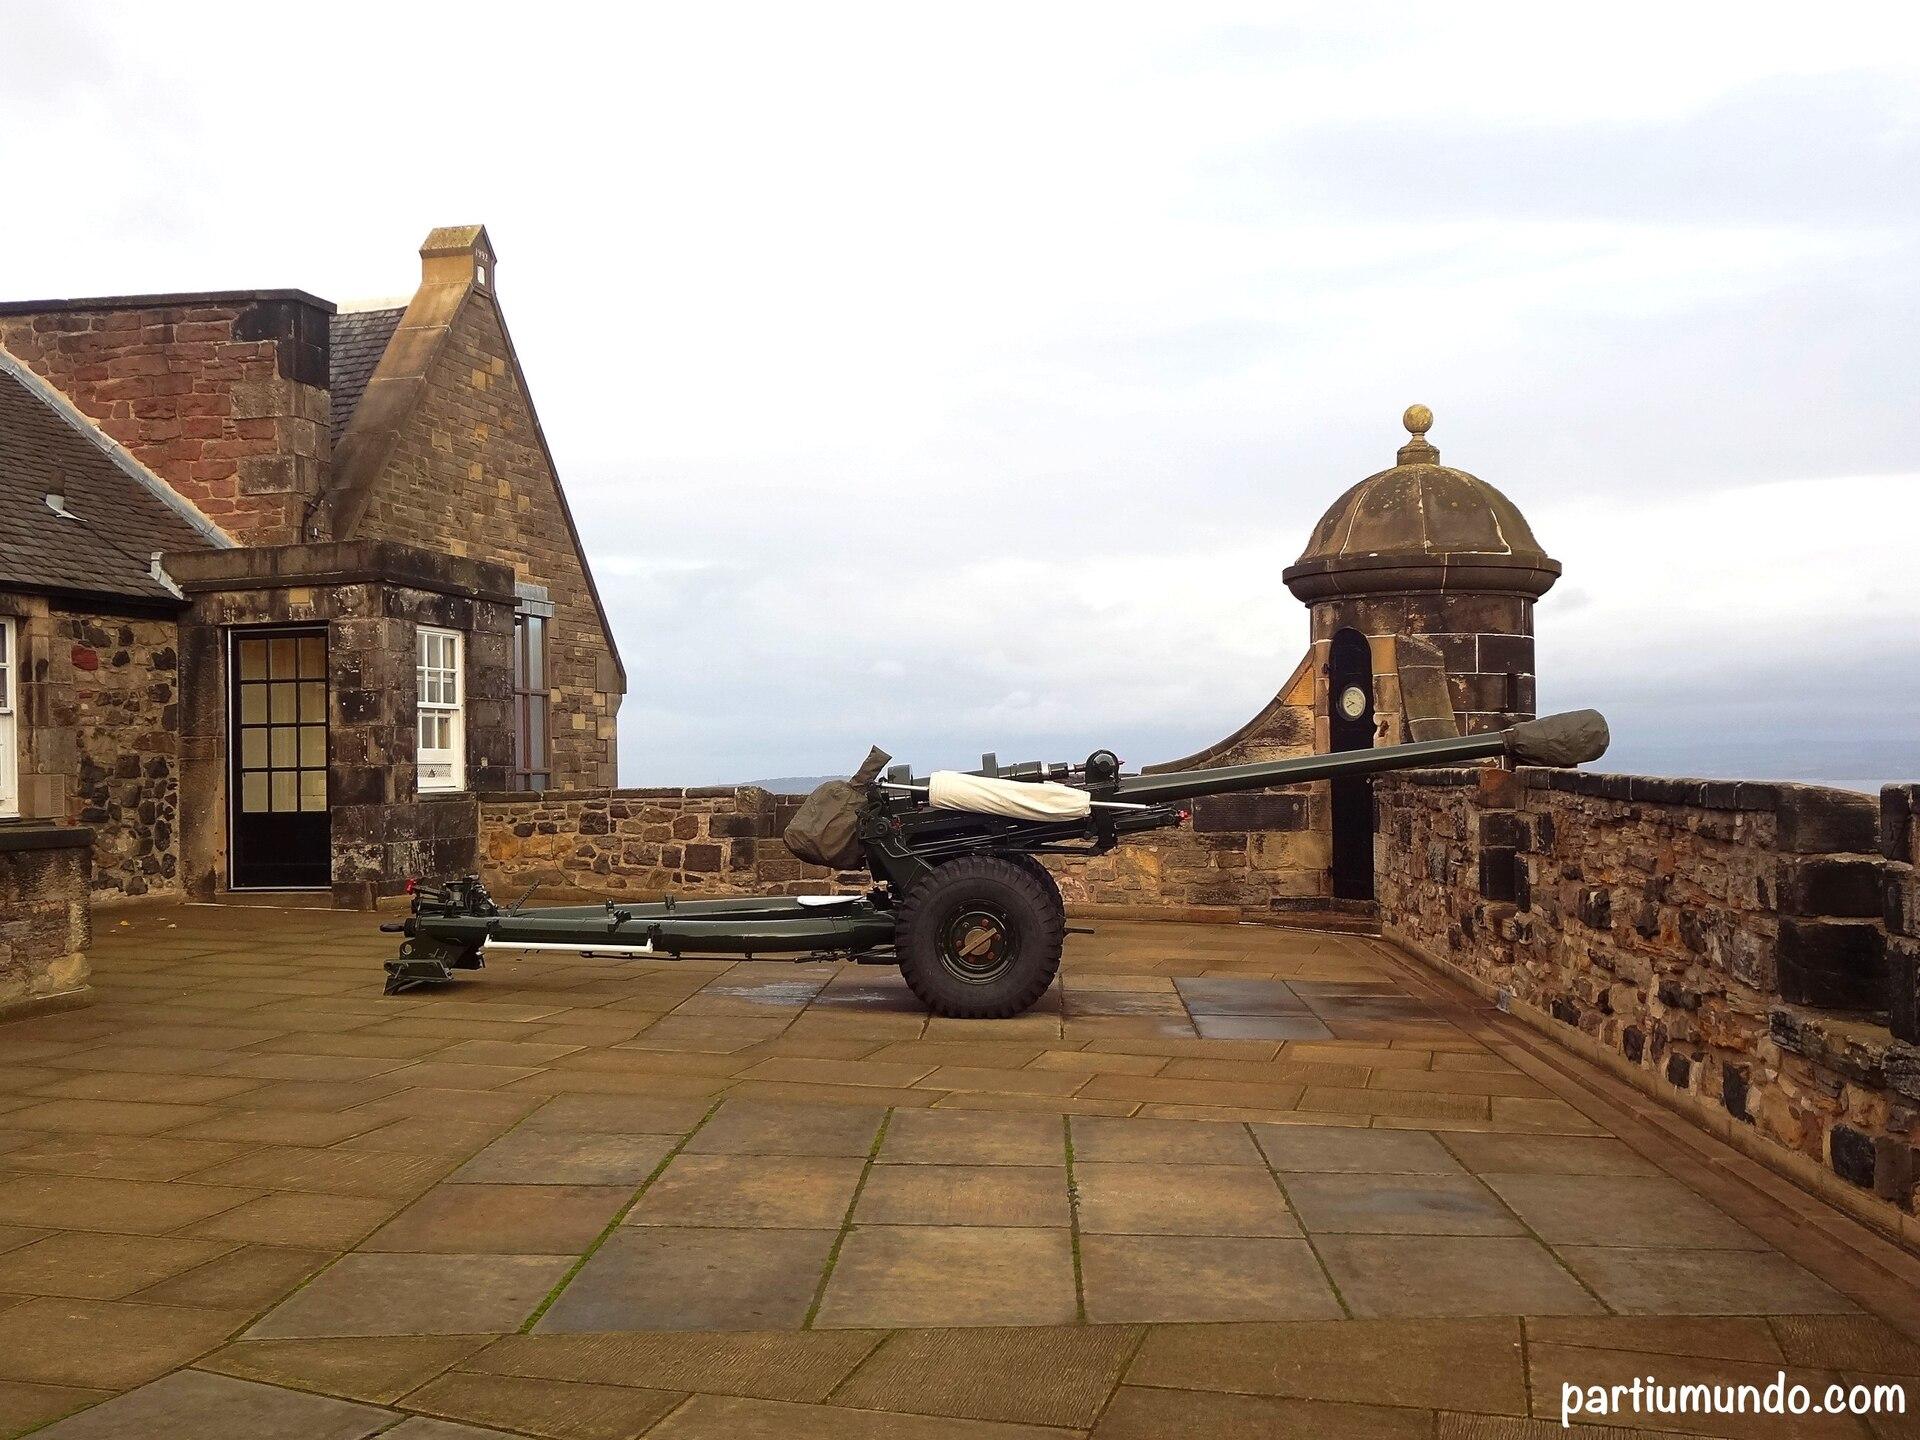 Conheçam o castelo de Edimburgo, um dos mais lindos e visitados do mundo